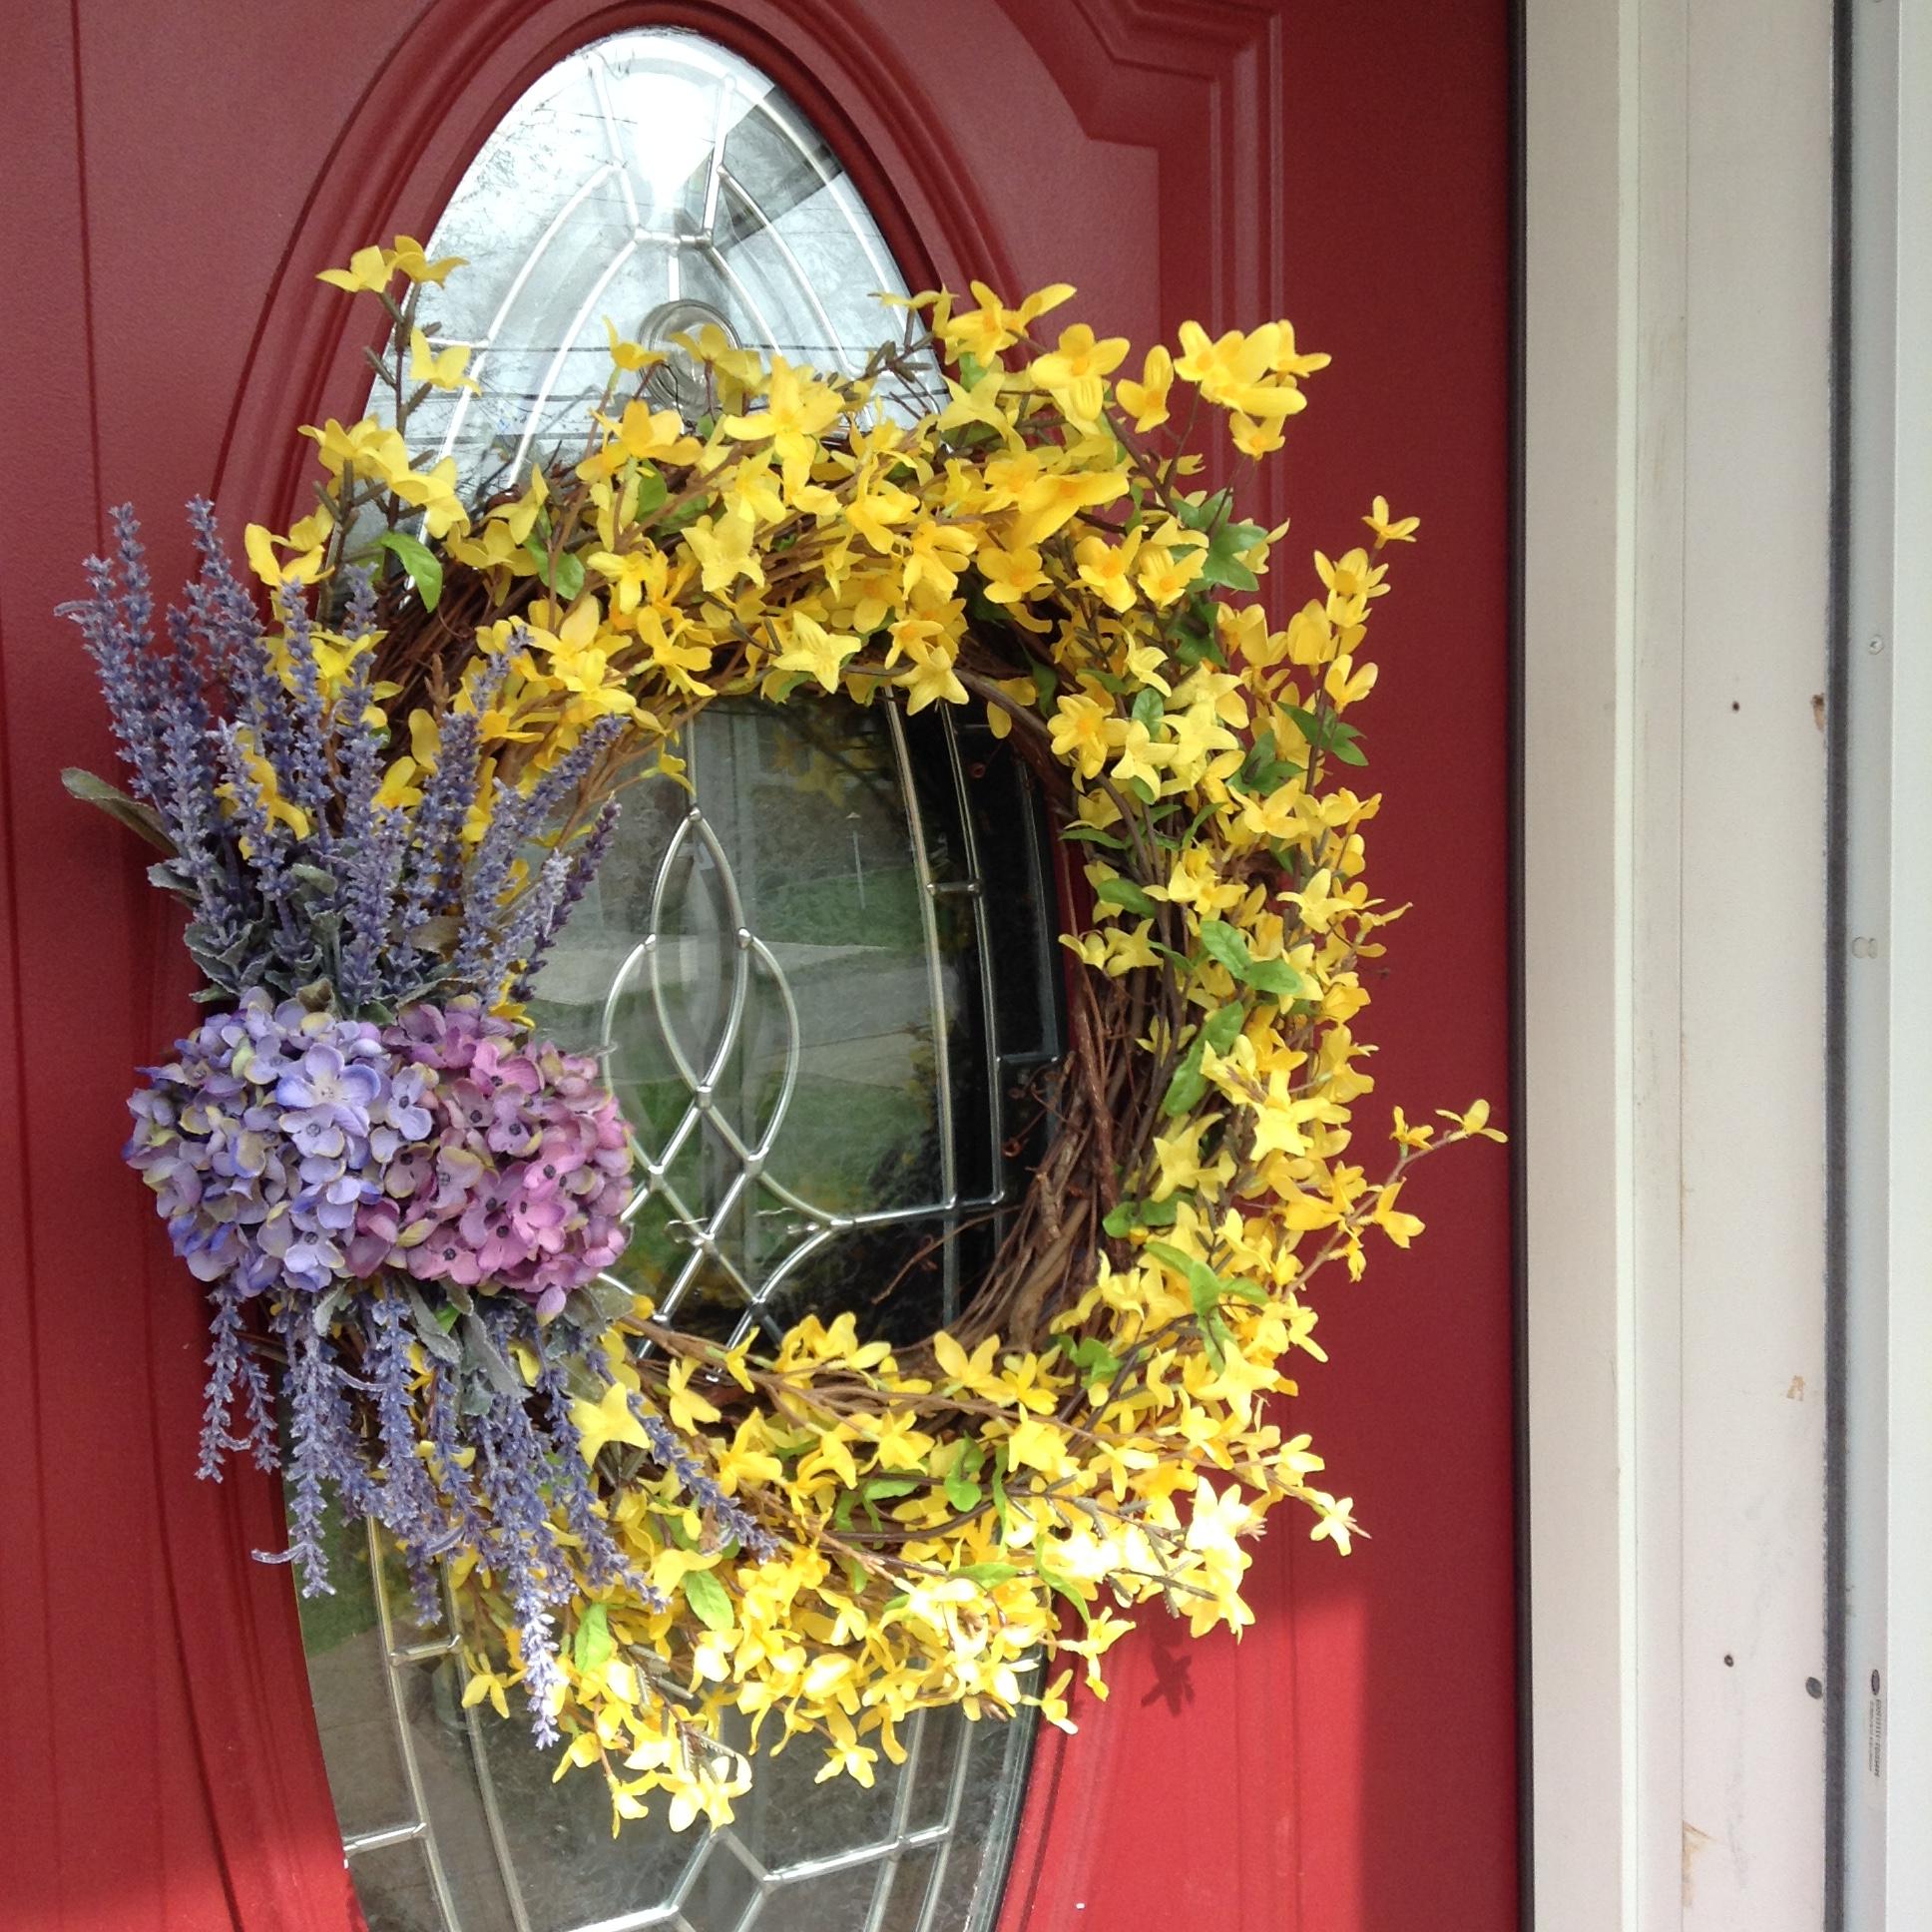 Summer front door wreaths -  Front Door Wreath 20160330_193002818_ios 20160330_192957611_ios 20160330_193008858_ios 20160330_193015731_ios 20160330_193021812_ios